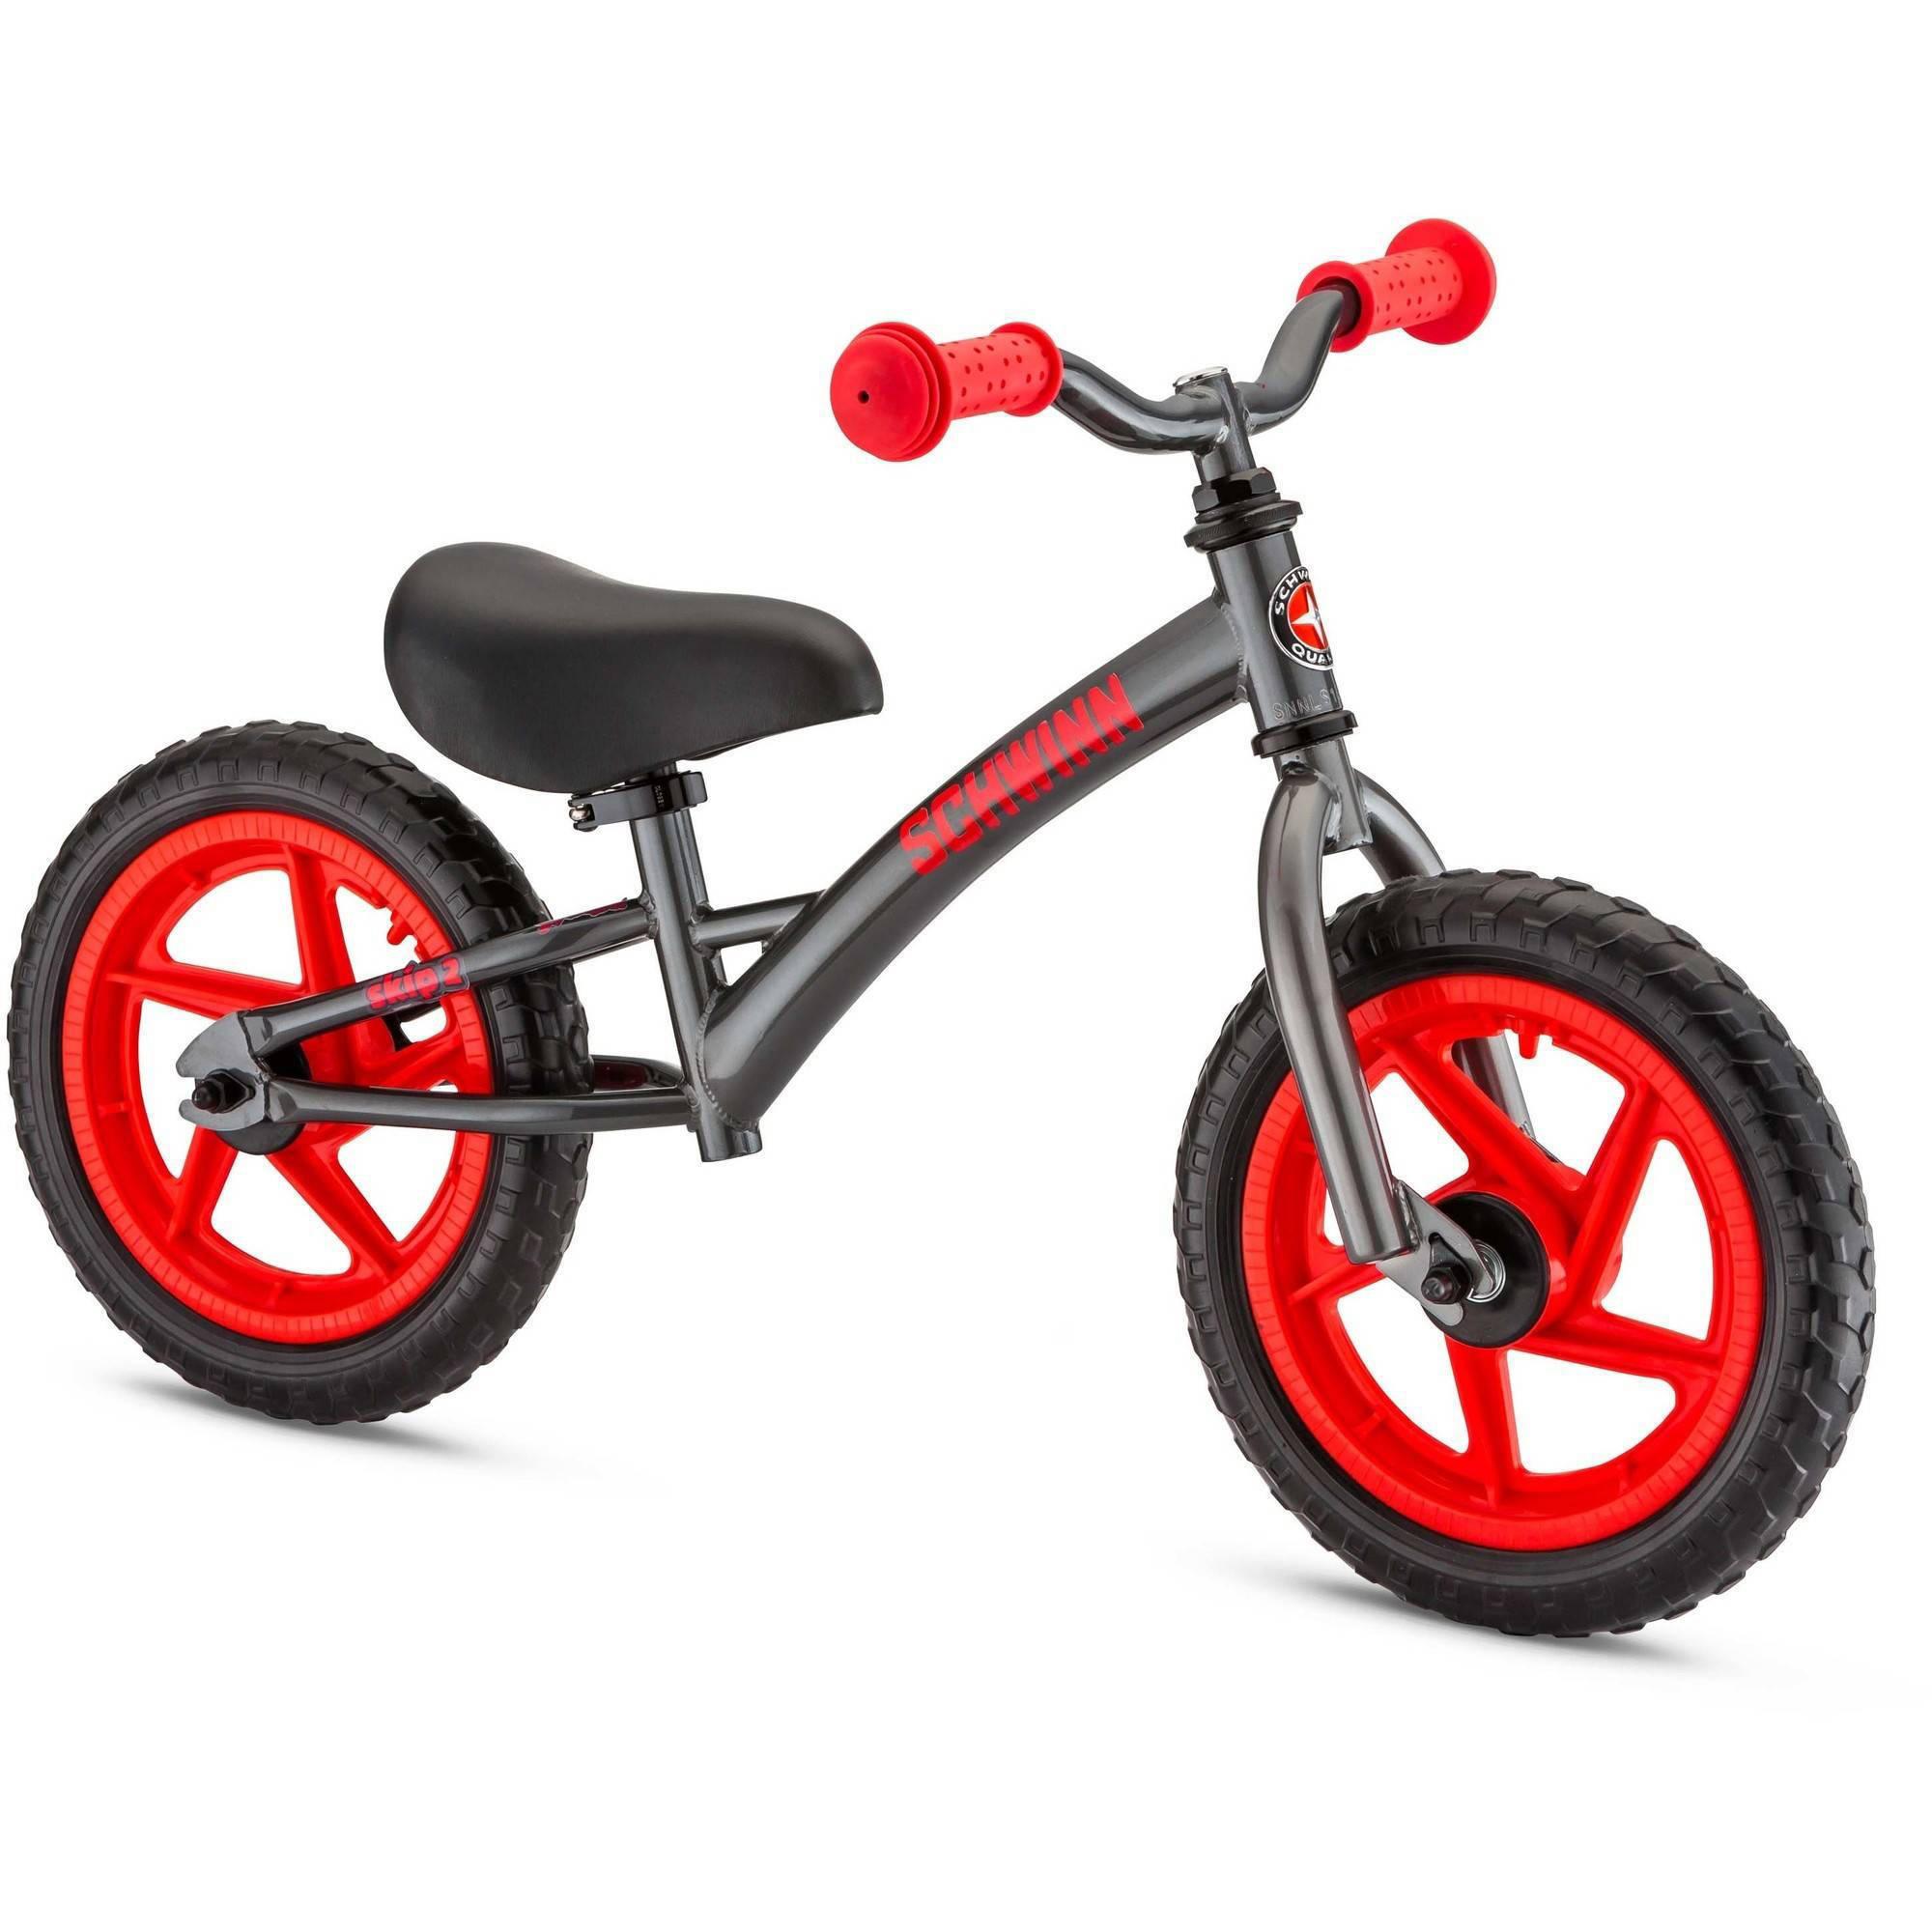 Bicicleta Para Niño(A) Schwinn Skip 2 bici del Balance, grafito + Schwinn en Veo y Compro